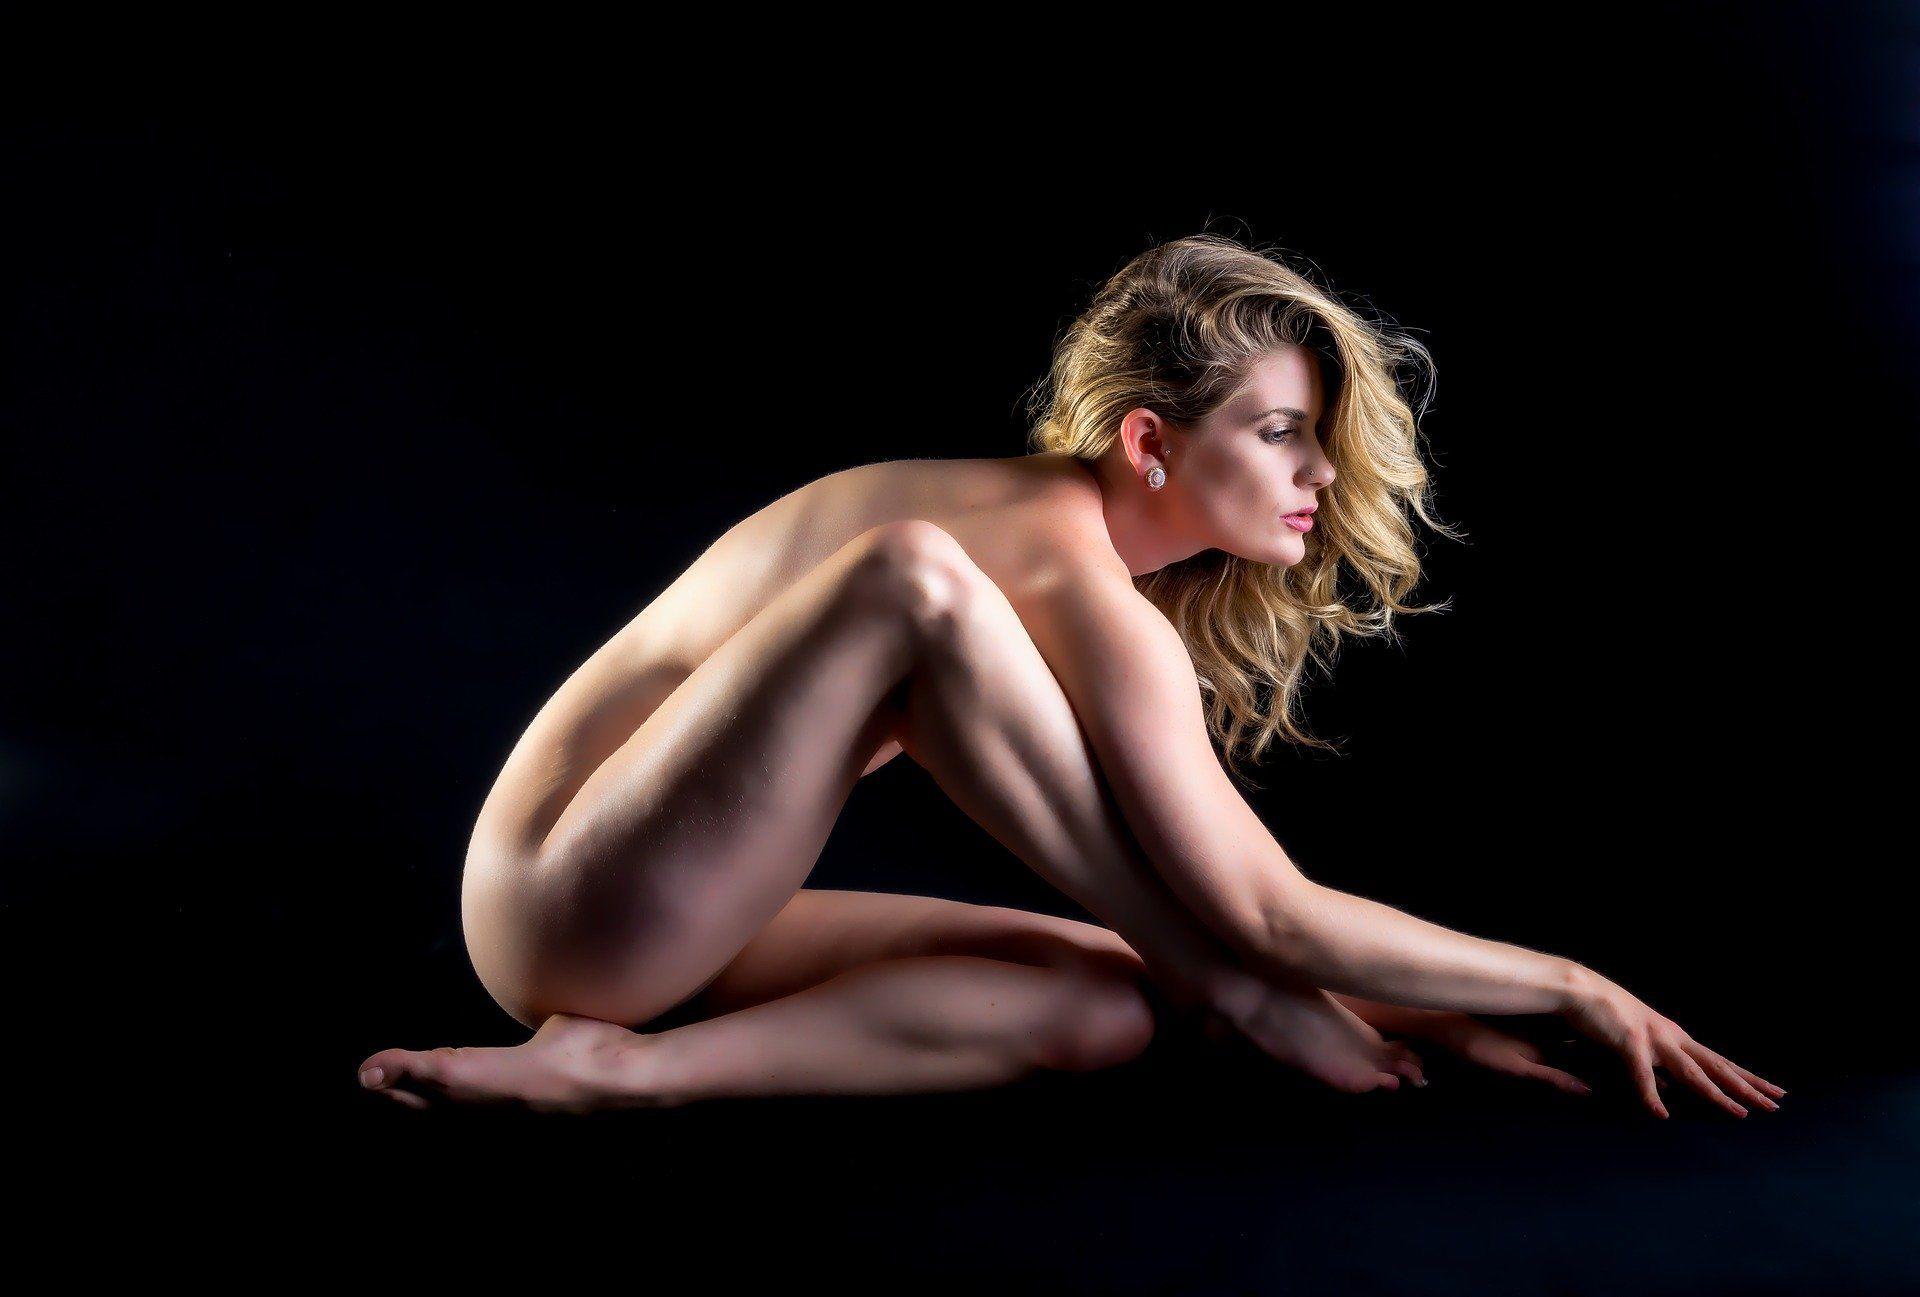 Kann der Start für eine internationale Modelkarriere sein